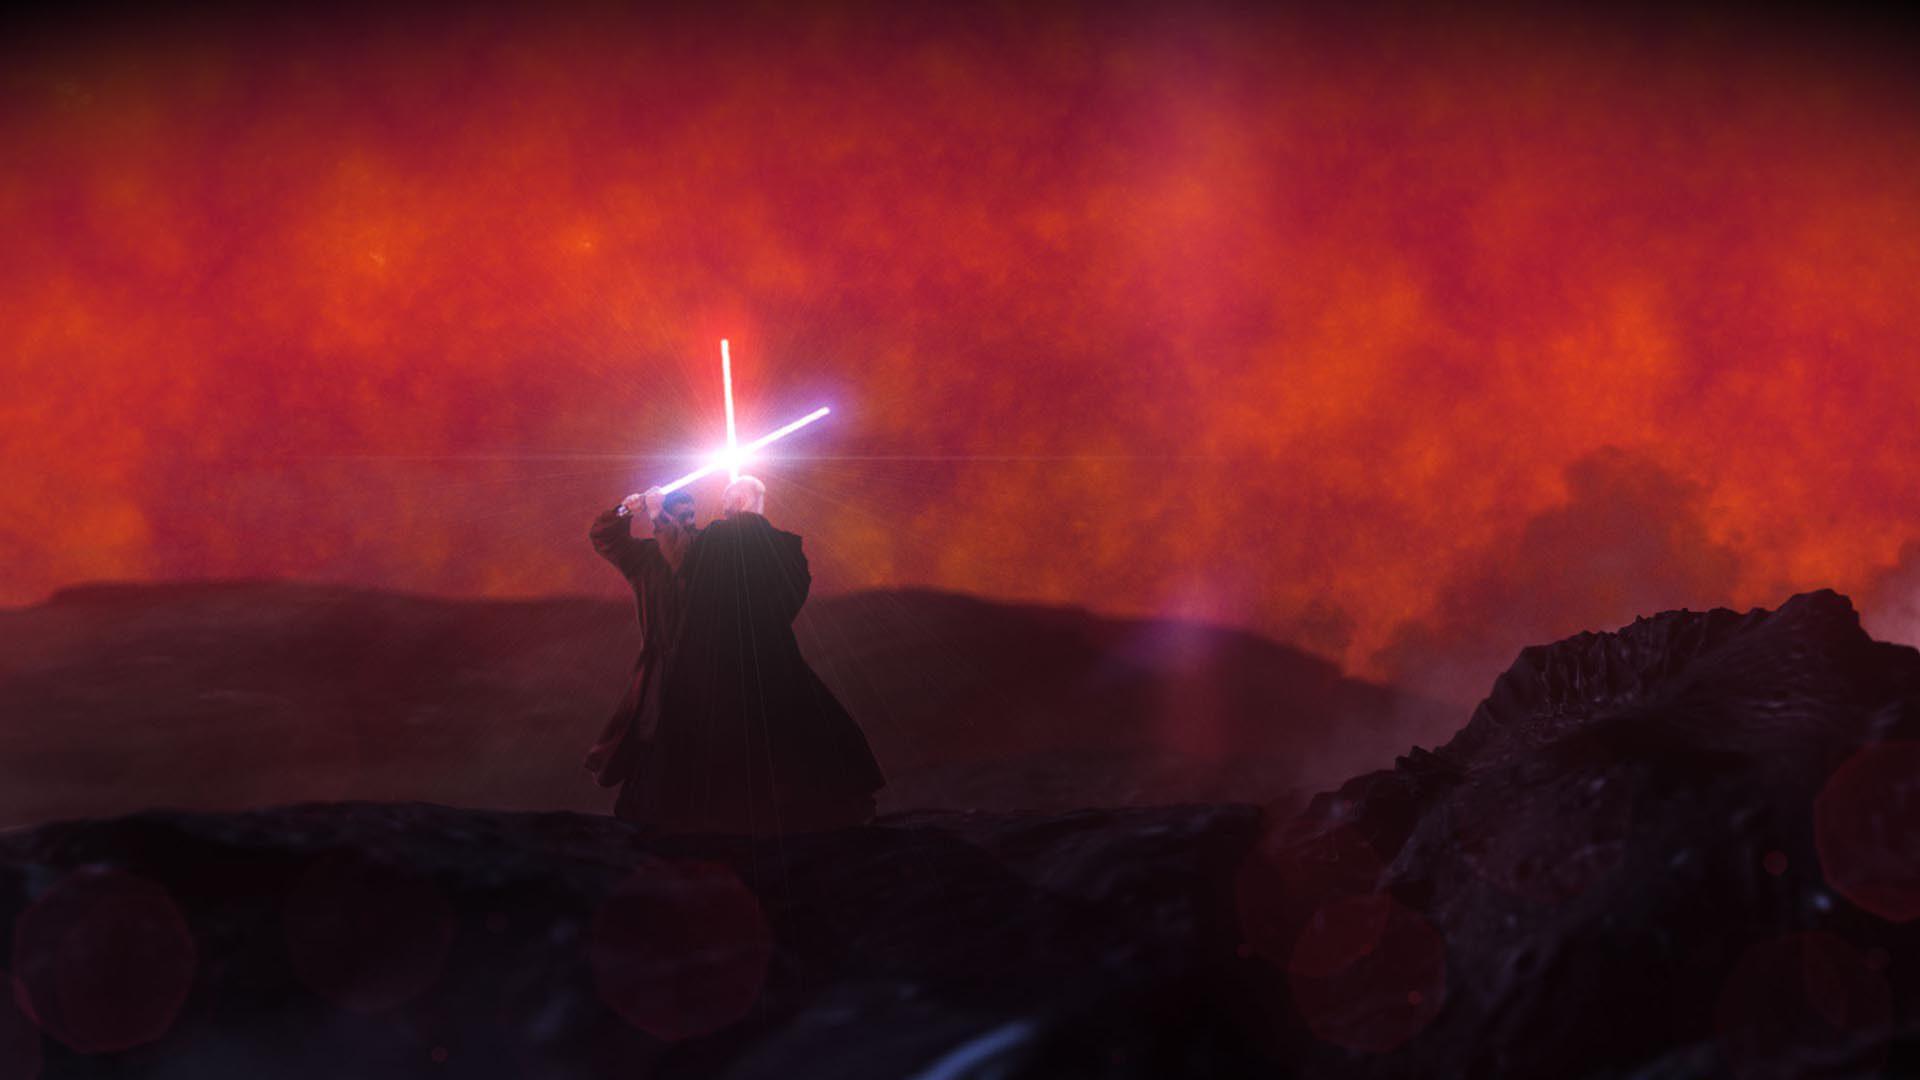 Revised framing - lightsaber battle